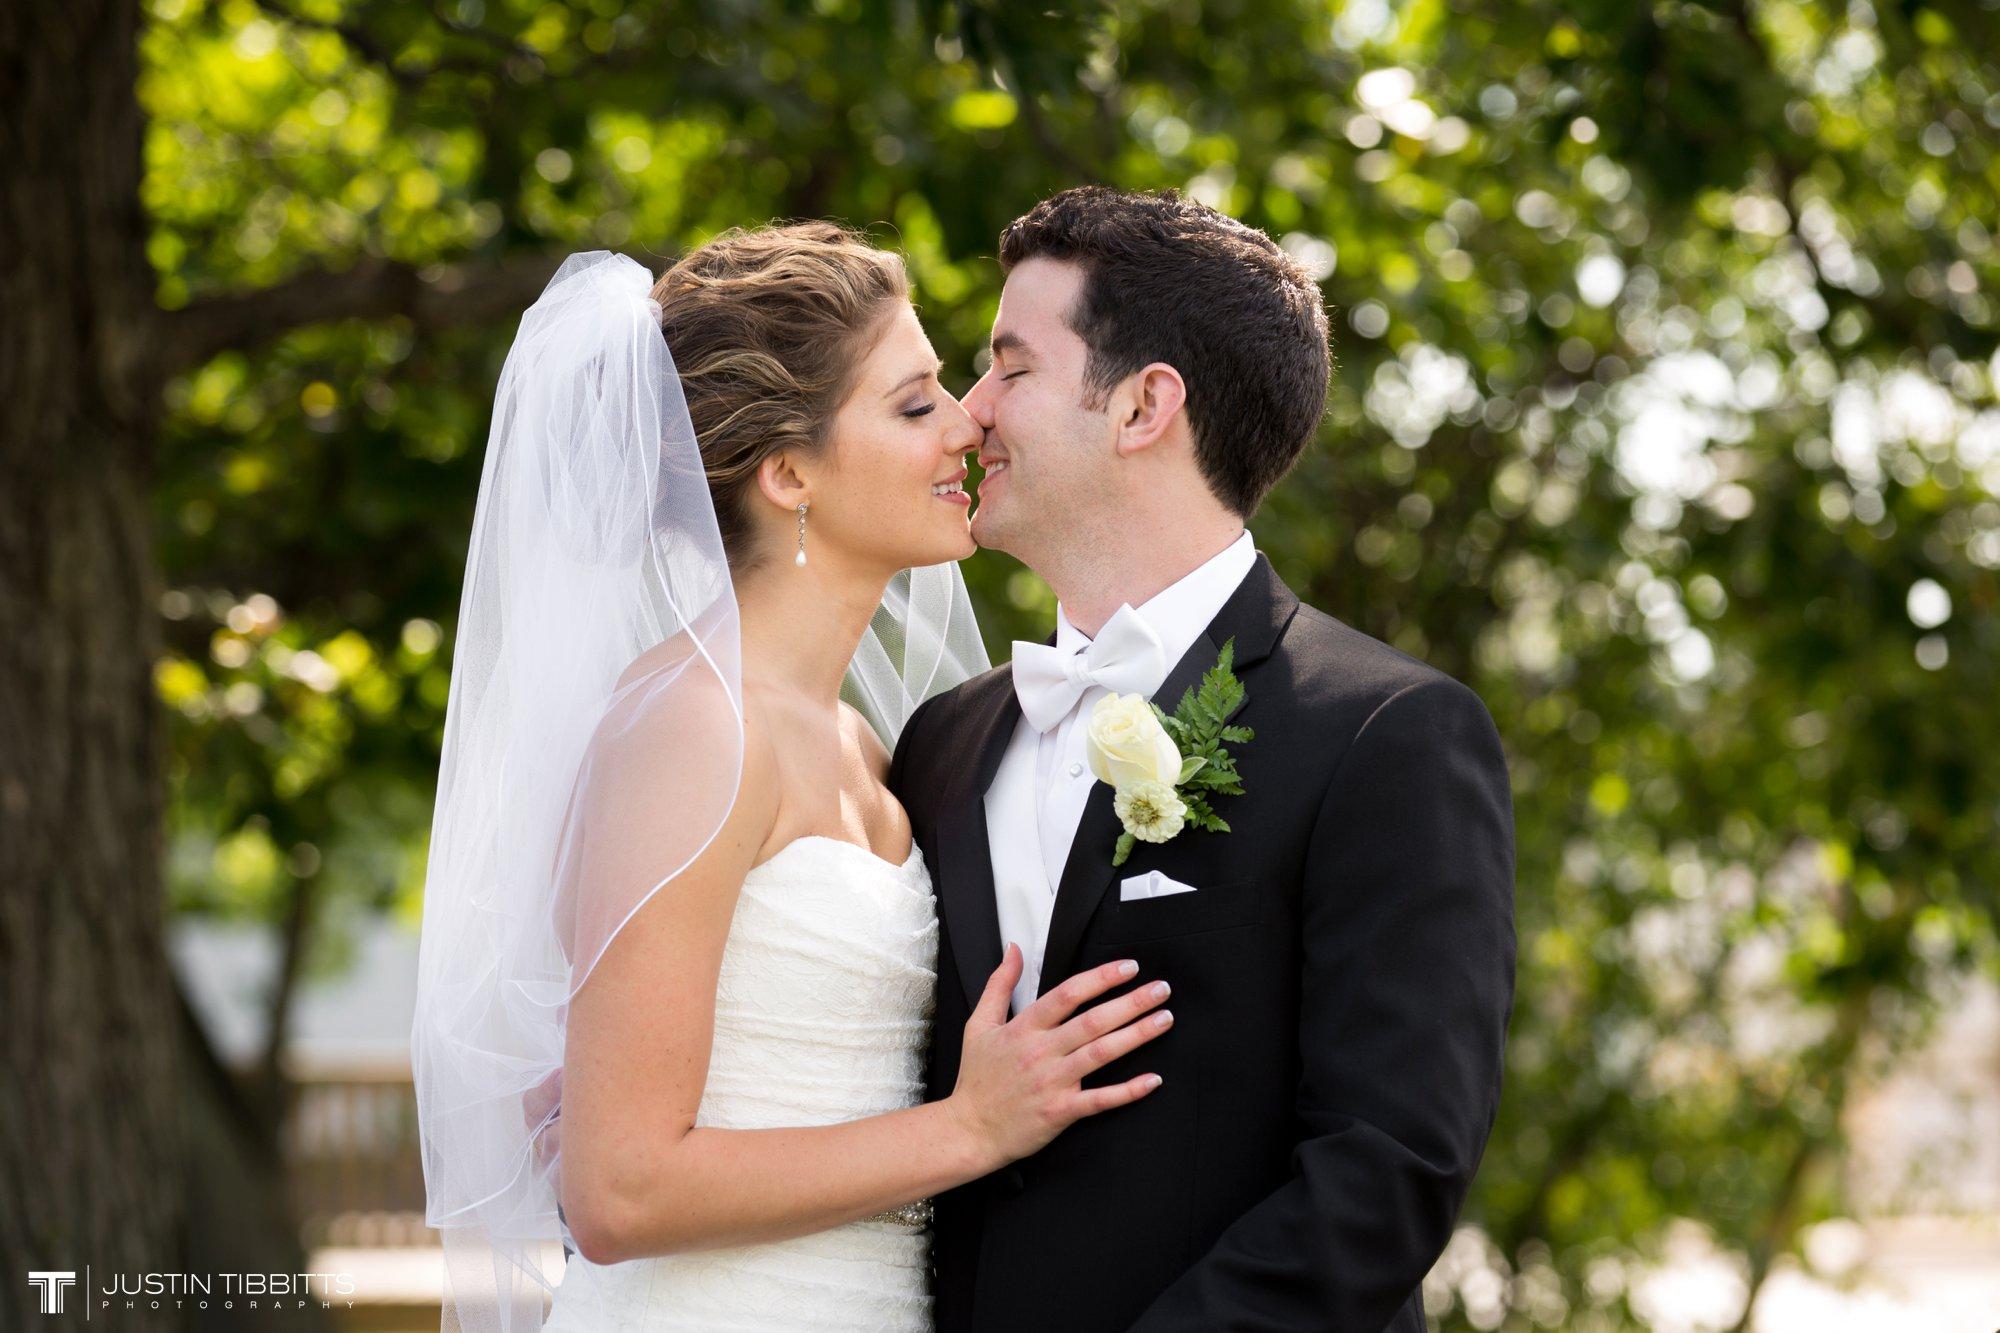 Albany NY Wedding Photographer Justin Tibbitts Photography 2014 Best of Albany NY Weddings-24494100